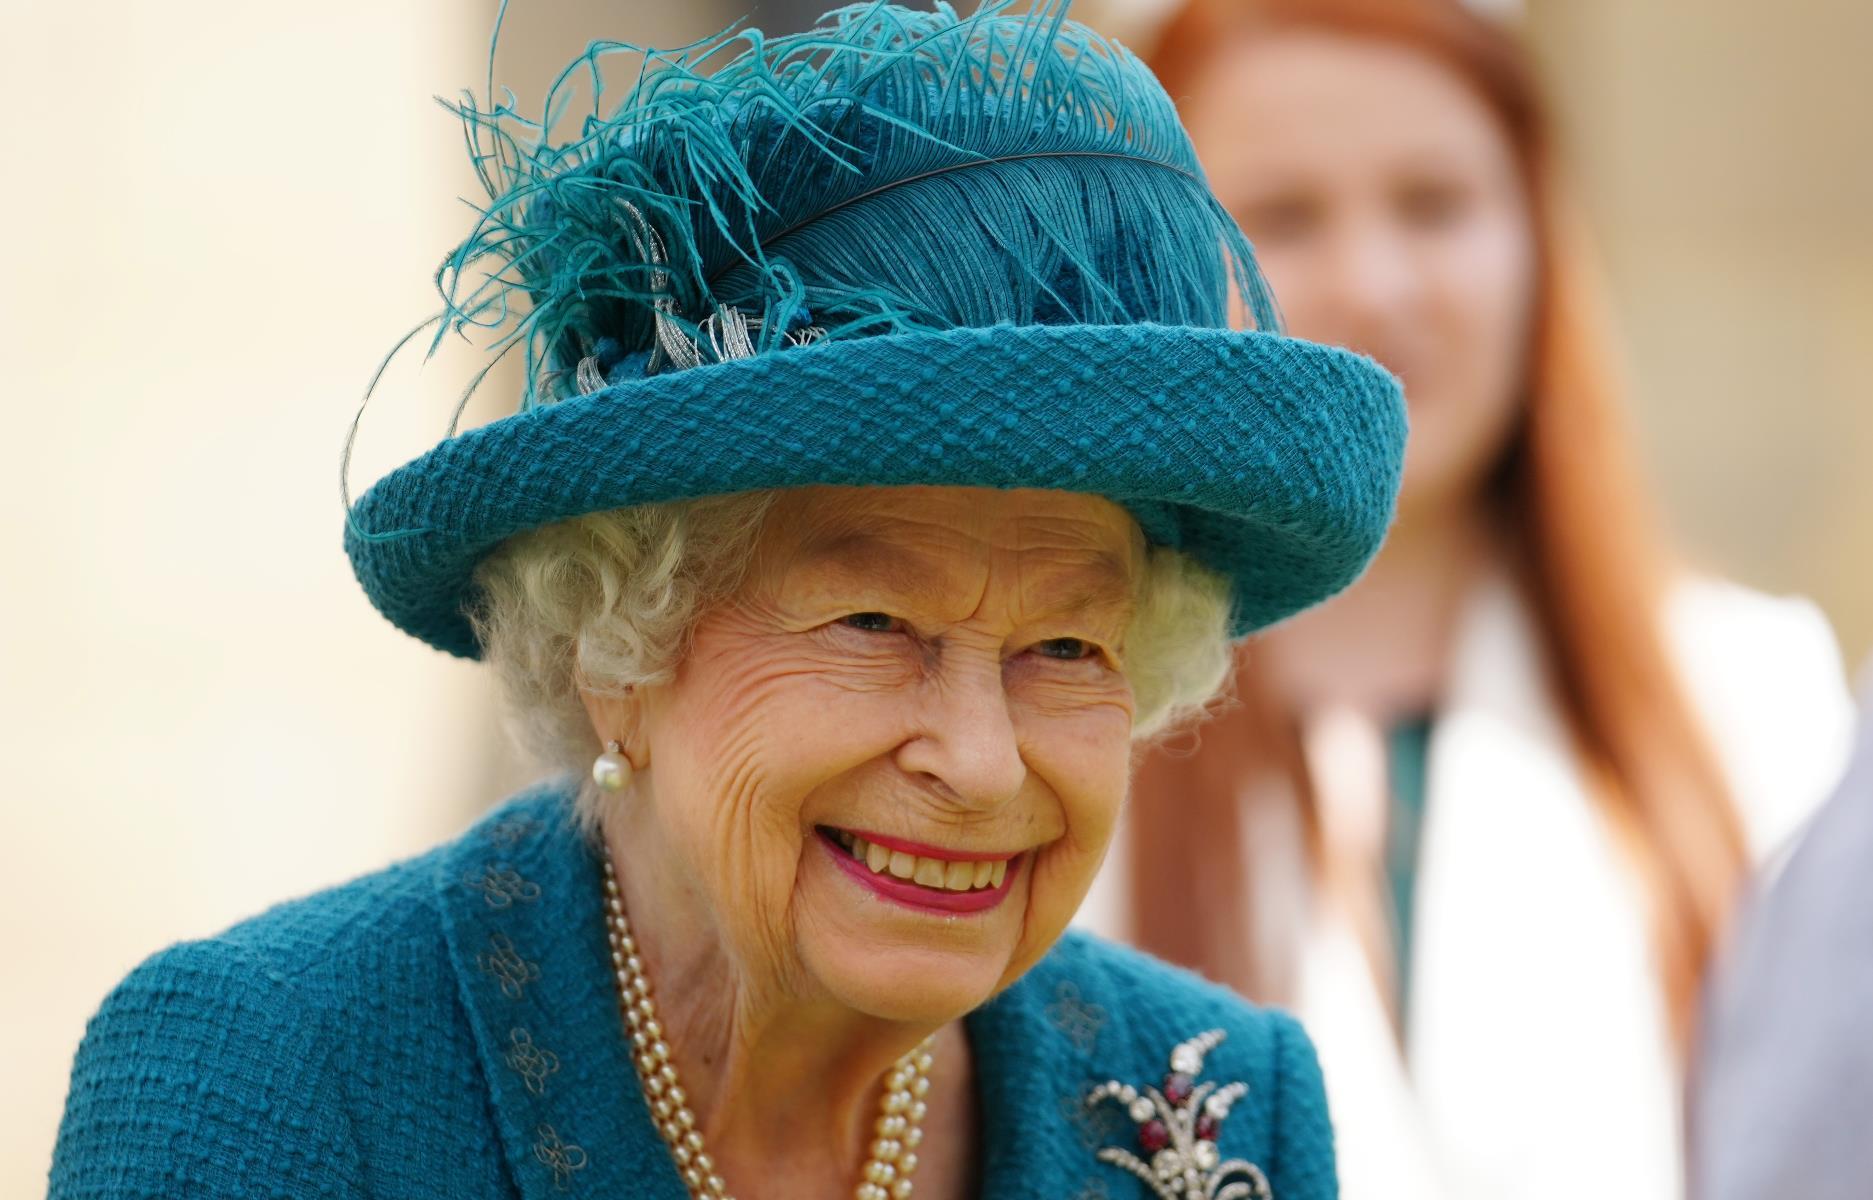 الملكة إليزابيث تتمنى حظا سعيدا لإنكلترا في المباراة النهائية لكأس أوروبا